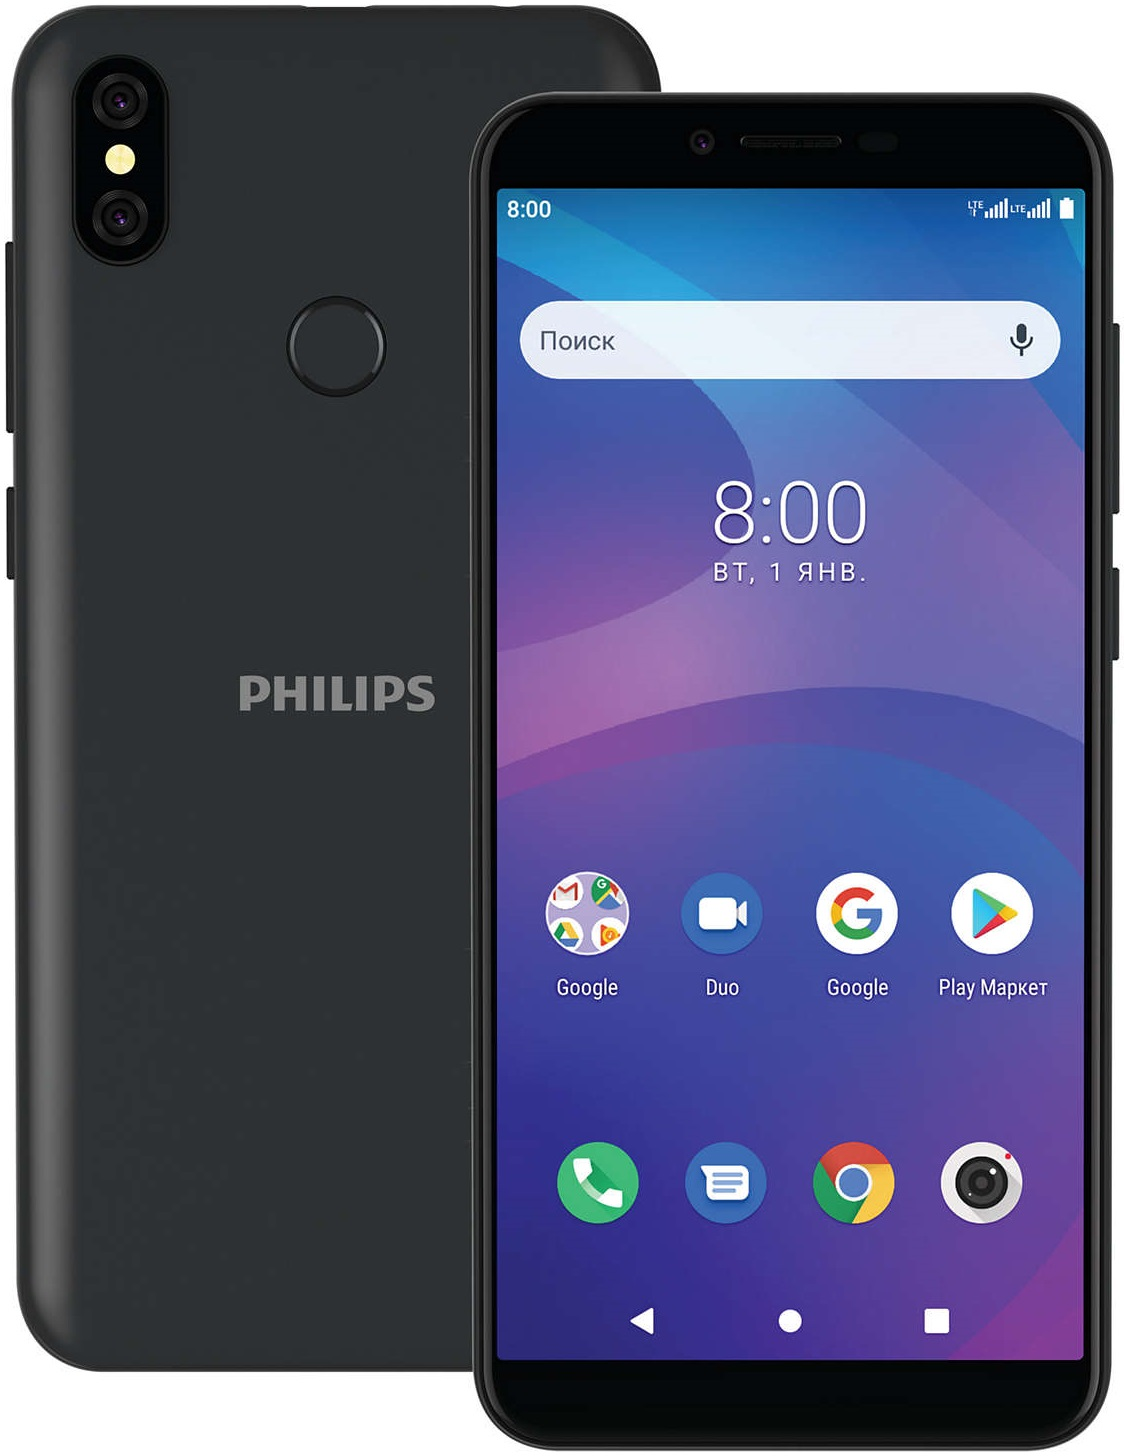 Смартфон Philips S397: где купить, цены, характеристики